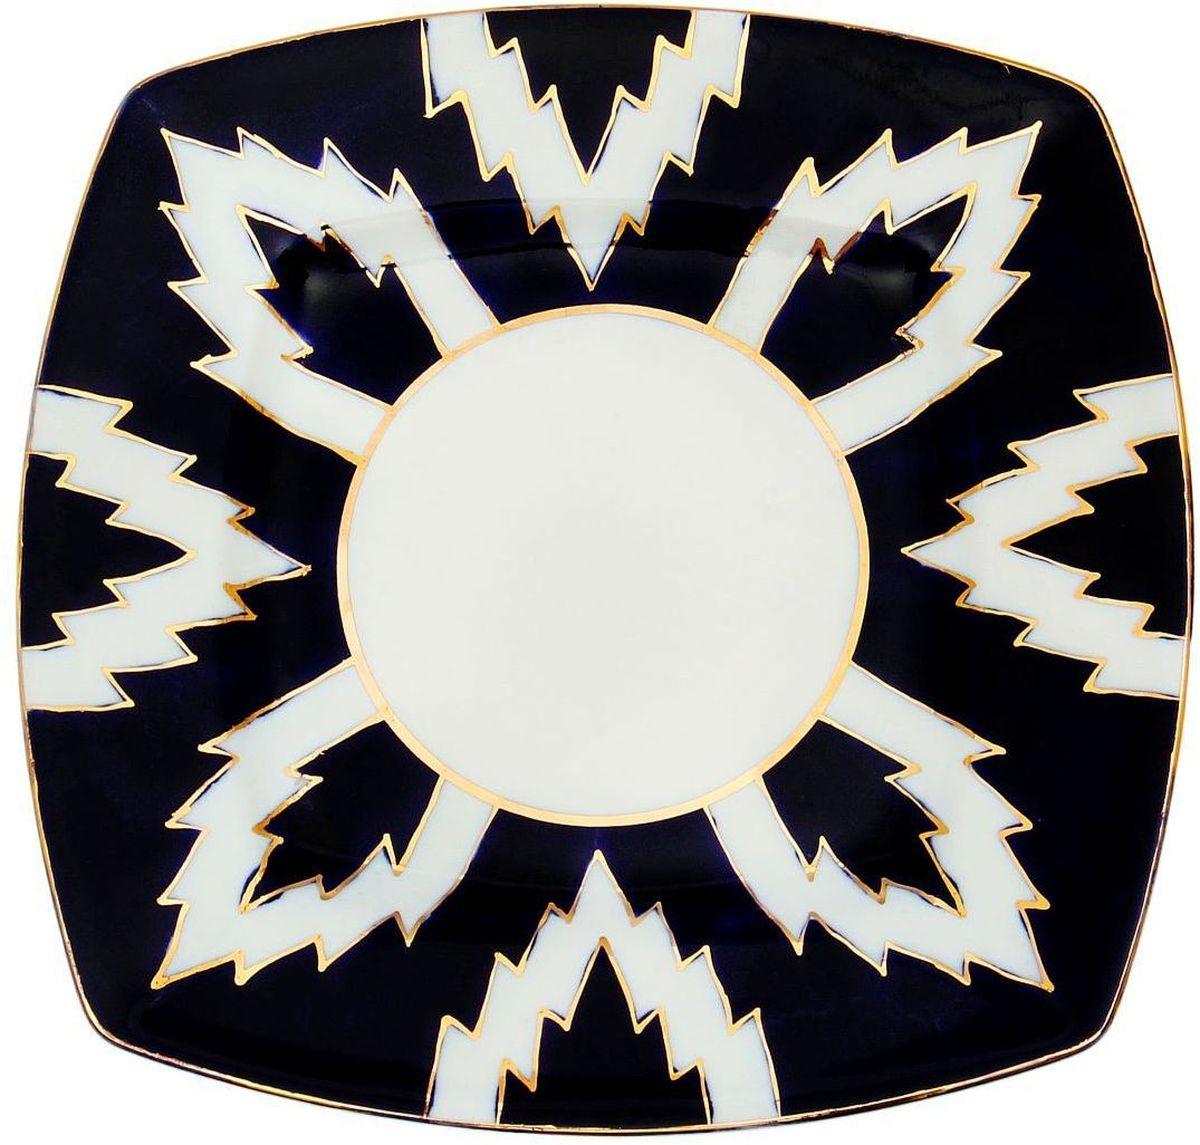 Тарелка Turon Porcelain Атлас, цвет: синий, белый, золотистый, 20 х 20 см1625424Узбекская посуда известна всему миру уже более тысячи лет. Ей любовались царские особы, на ней подавали еду для шейхов и знатных персон. Формулы красок и глазури передаются из поколения в поколение. По сей день качественные расписные изделия продолжают восхищать совершенством и завораживающей красотой.Данный предмет подойдёт для повседневной и праздничной сервировки. Дополните стол текстилем и салфетками в тон, чтобы получить элегантное убранство с яркими акцентами.Национальная узбекская роспись «Атлас» имеет симметричный геометрический рисунок. Узоры, похожие на листья, выводятся тонкой кистью, фон заливается тёмно-синим кобальтом. Синий краситель при обжиге слегка растекается и придаёт контуру изображений голубой оттенок. Густая глазурь наносится толстым слоем, благодаря чему рисунок мерцает.